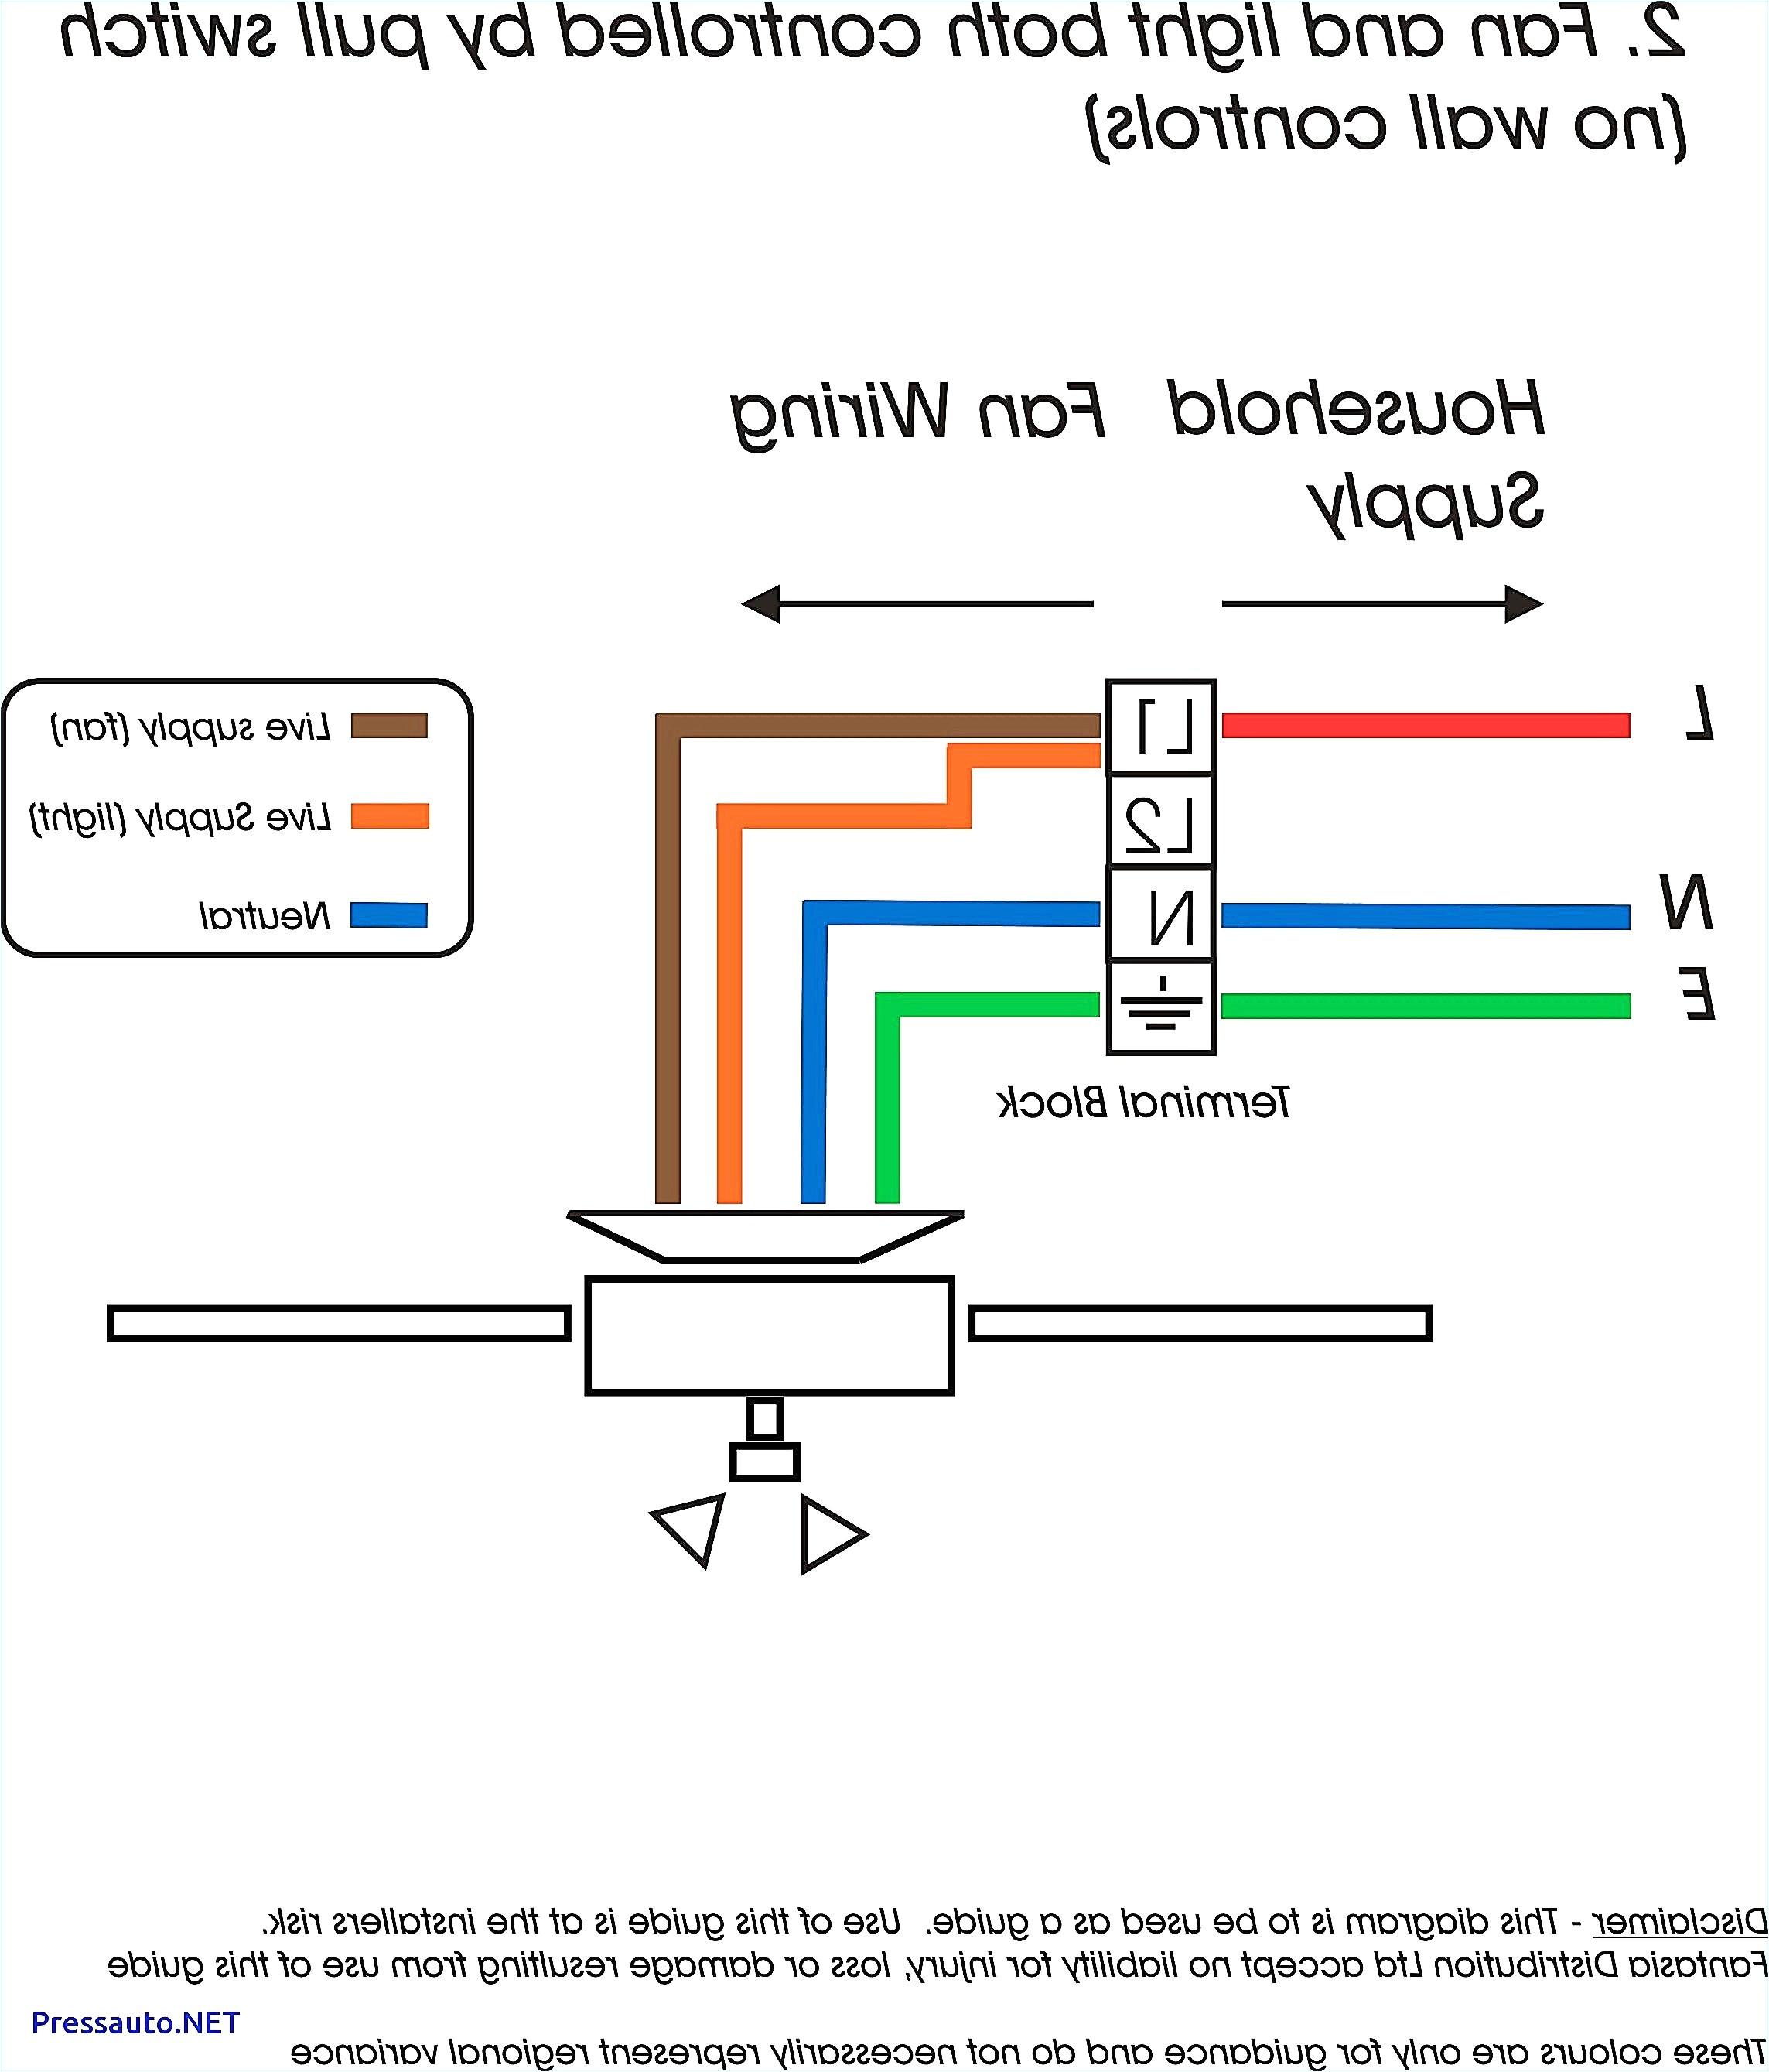 yamaha g14 wiring diagram new yamaha golf cart solenoid wiring diagram best wiring diagram for